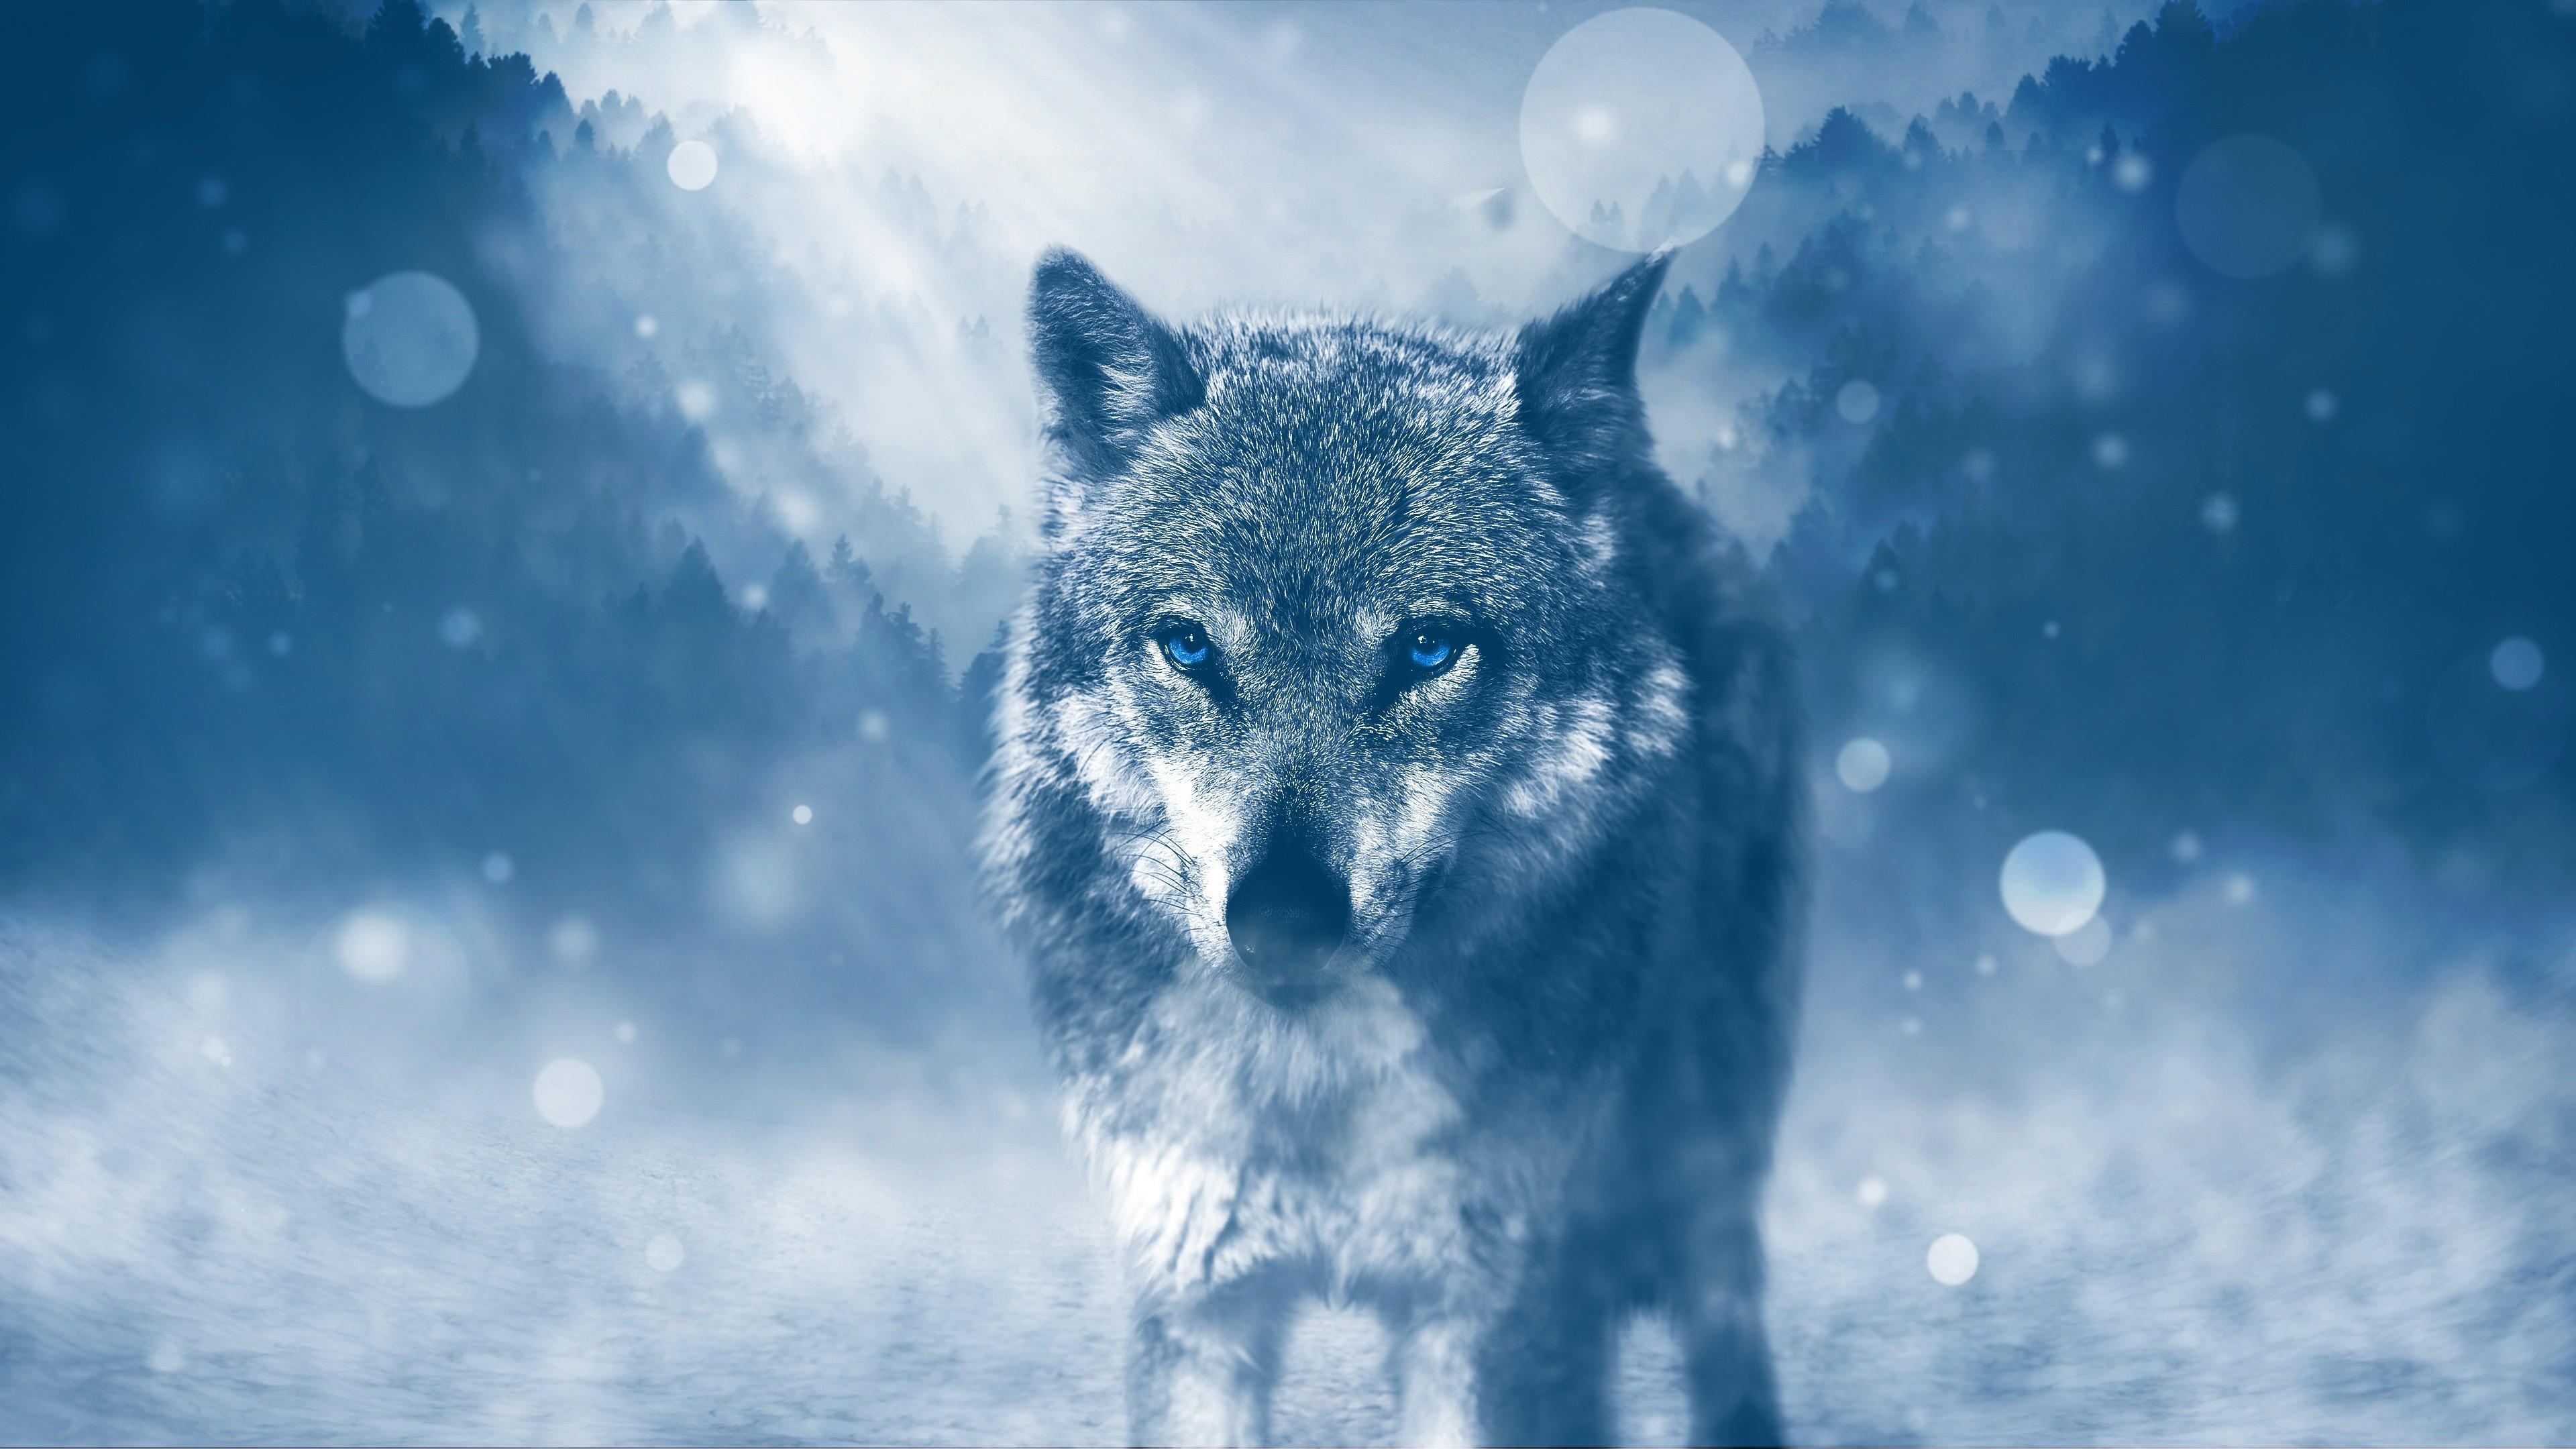 Res: 3840x2160, Winter Wolf Widescreen Wallpaper HD 62666